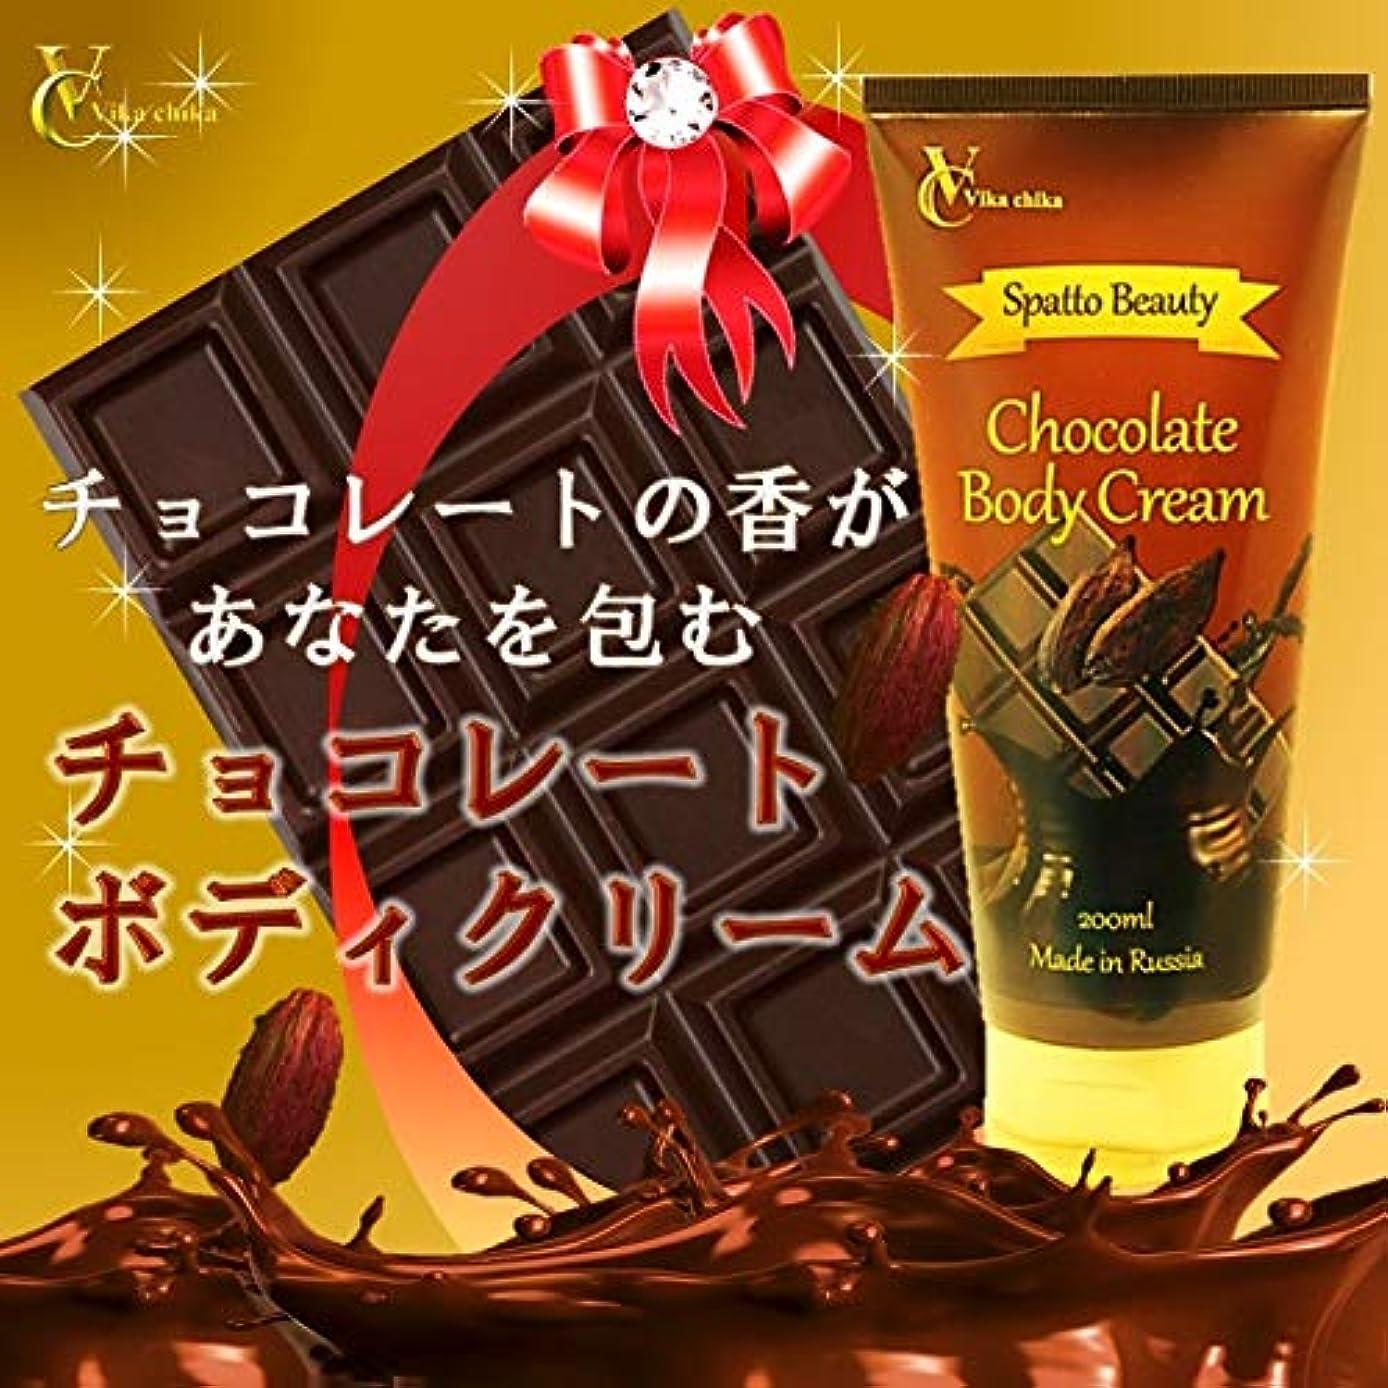 キリスト教浴室セーブビッカチカ スパッと ビューティ チョコレートボディクリーム 200ml